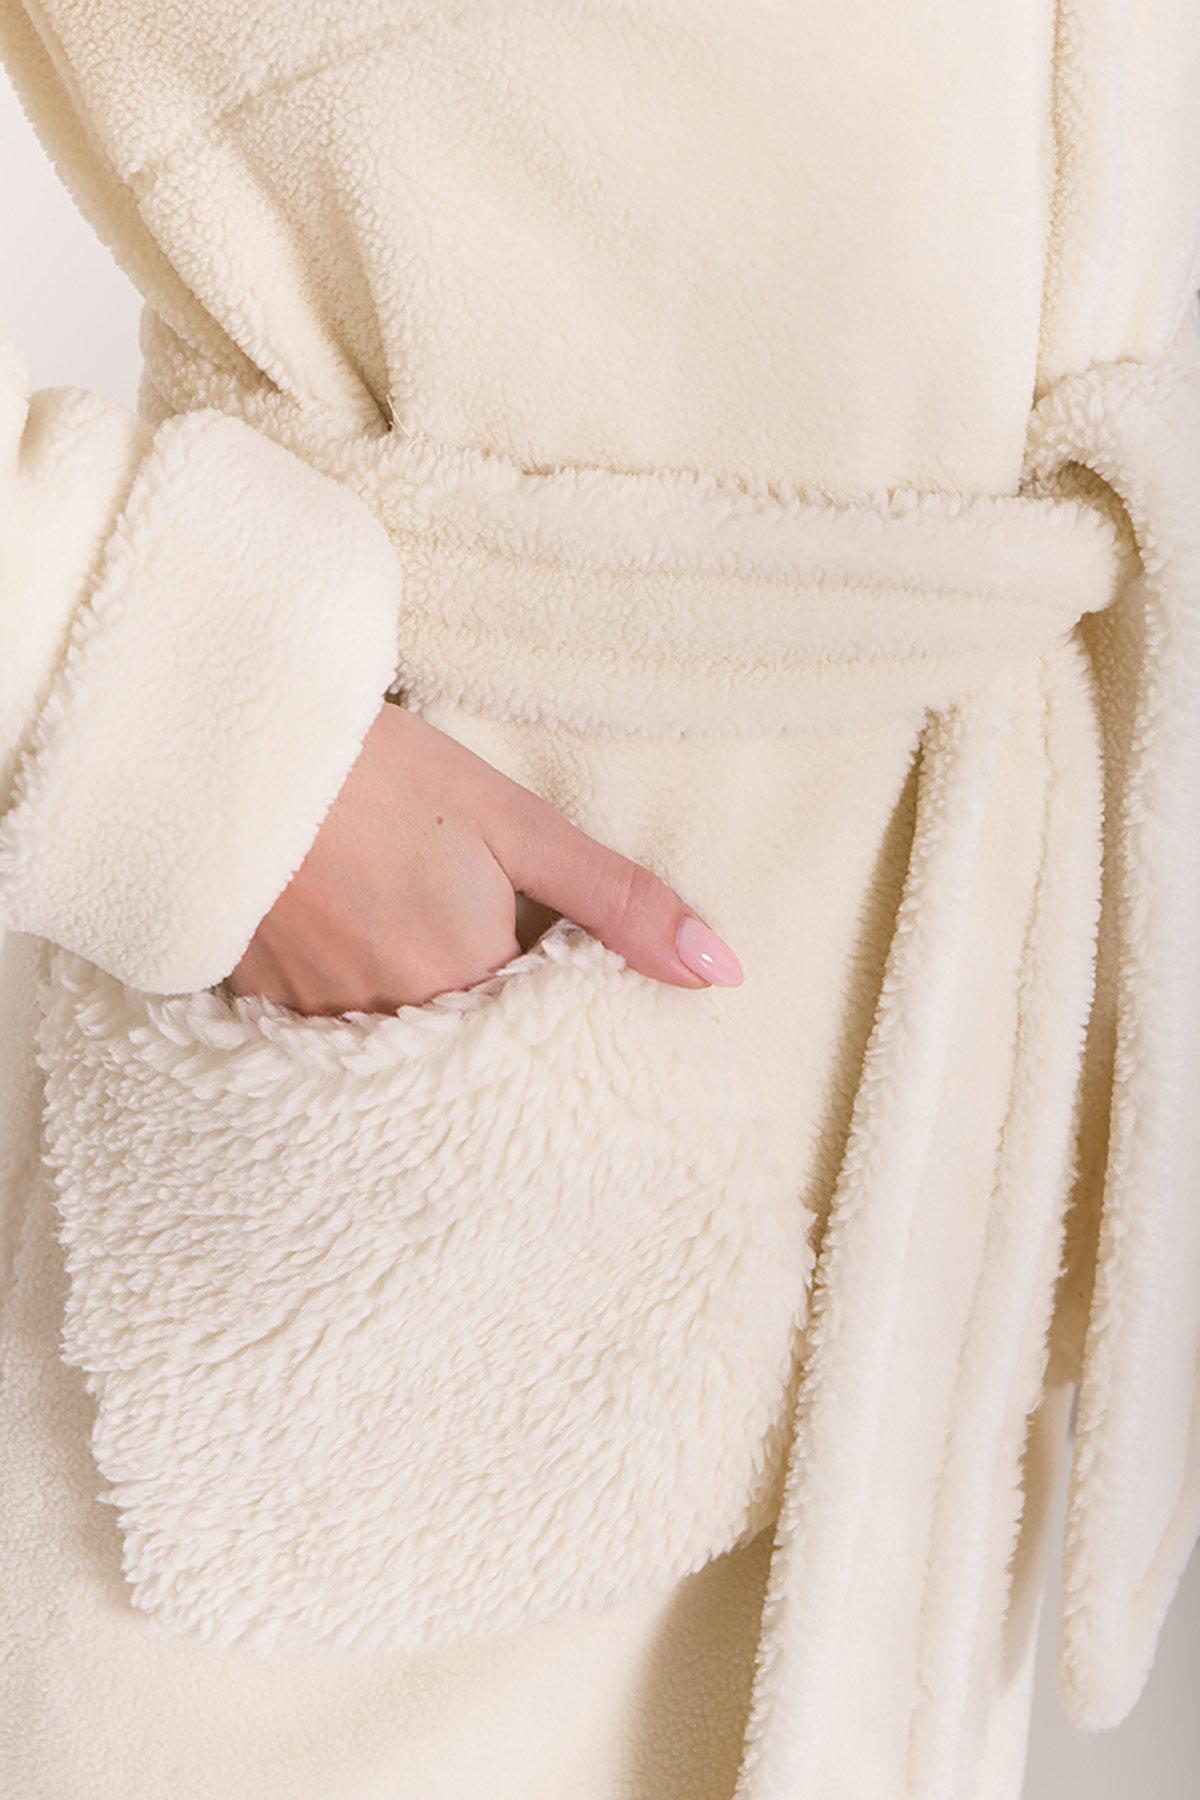 Пальто из искусственного меха Анита 8197 АРТ. 44955 Цвет: Молоко - фото 11, интернет магазин tm-modus.ru